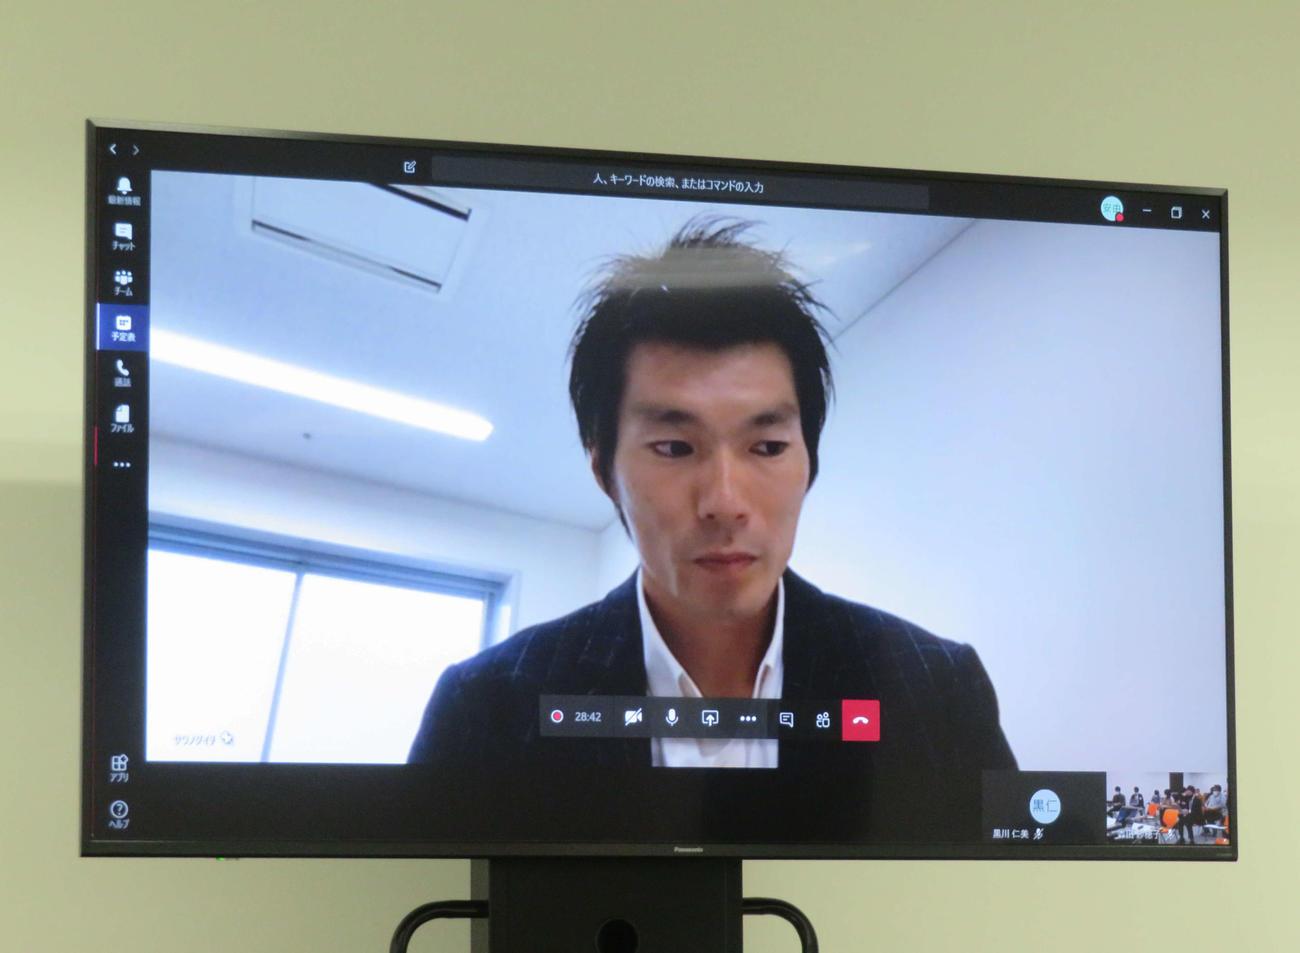 テレビ電話方式で取材に応じる沢野(撮影・上田悠太)